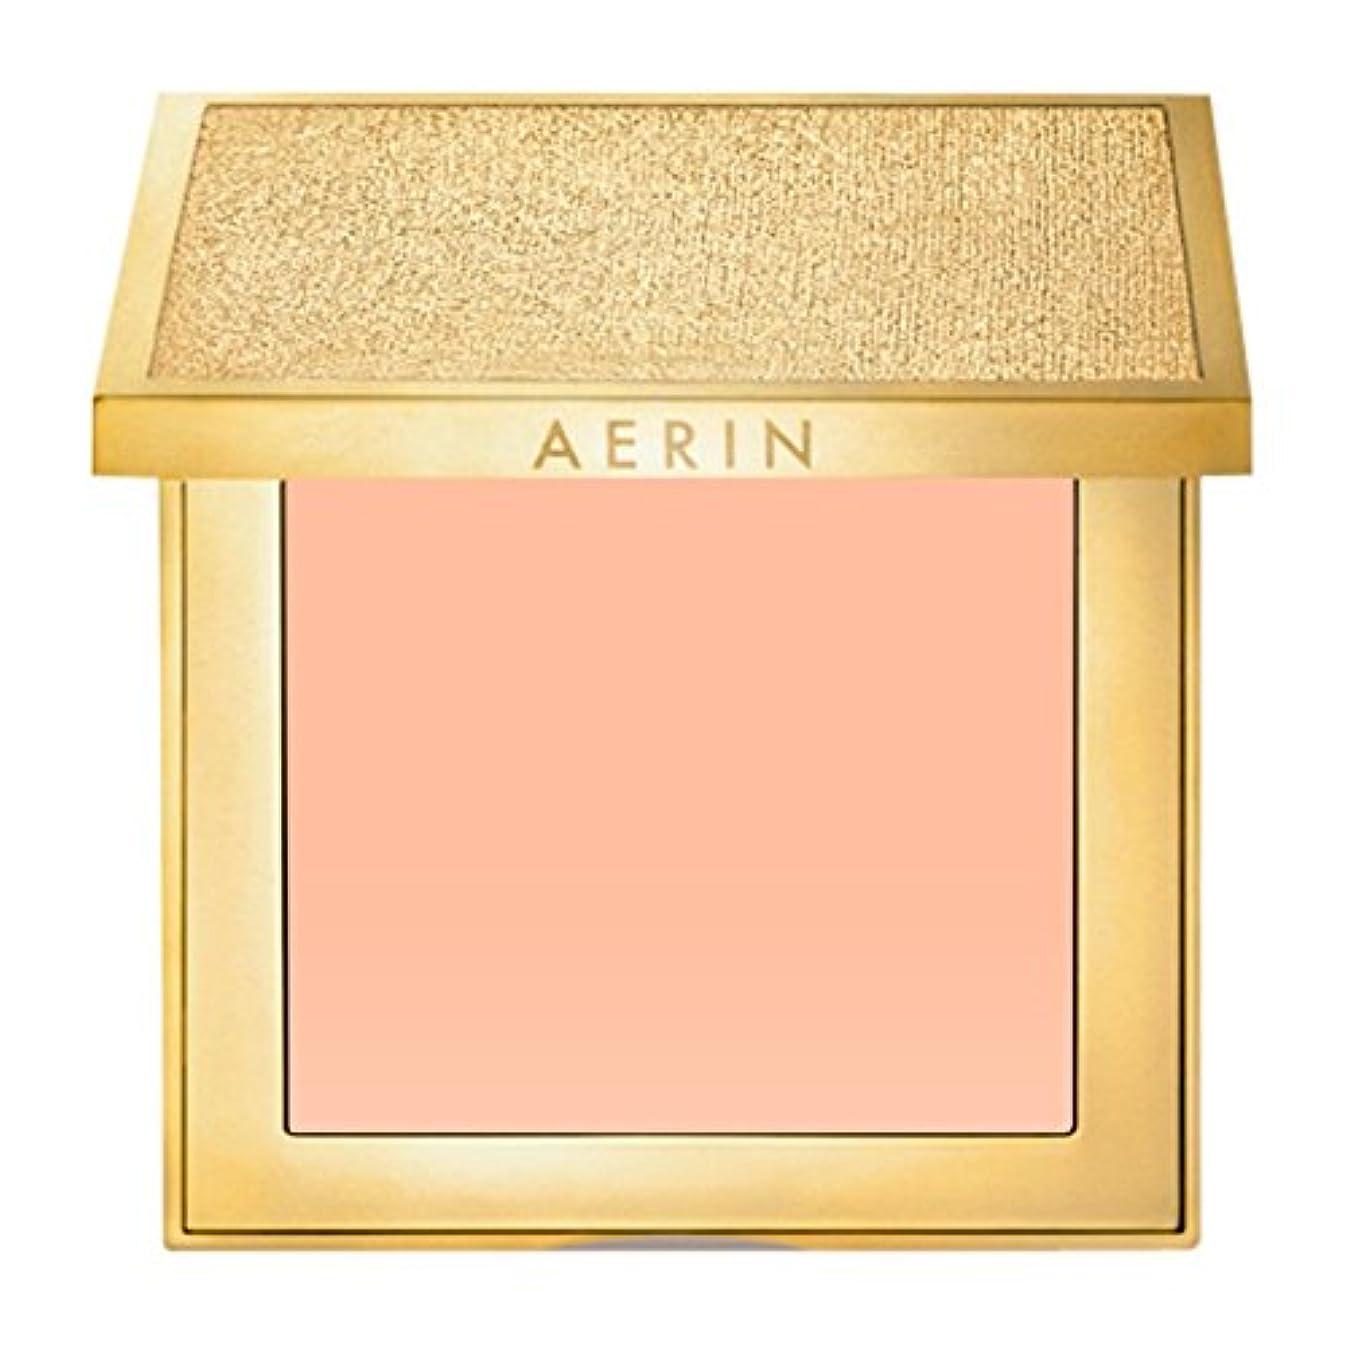 ベット道を作る谷Aerin新鮮な肌コンパクトメイクアップレベル3 (AERIN) - AERIN Fresh Skin Compact Makeup Level 3 [並行輸入品]